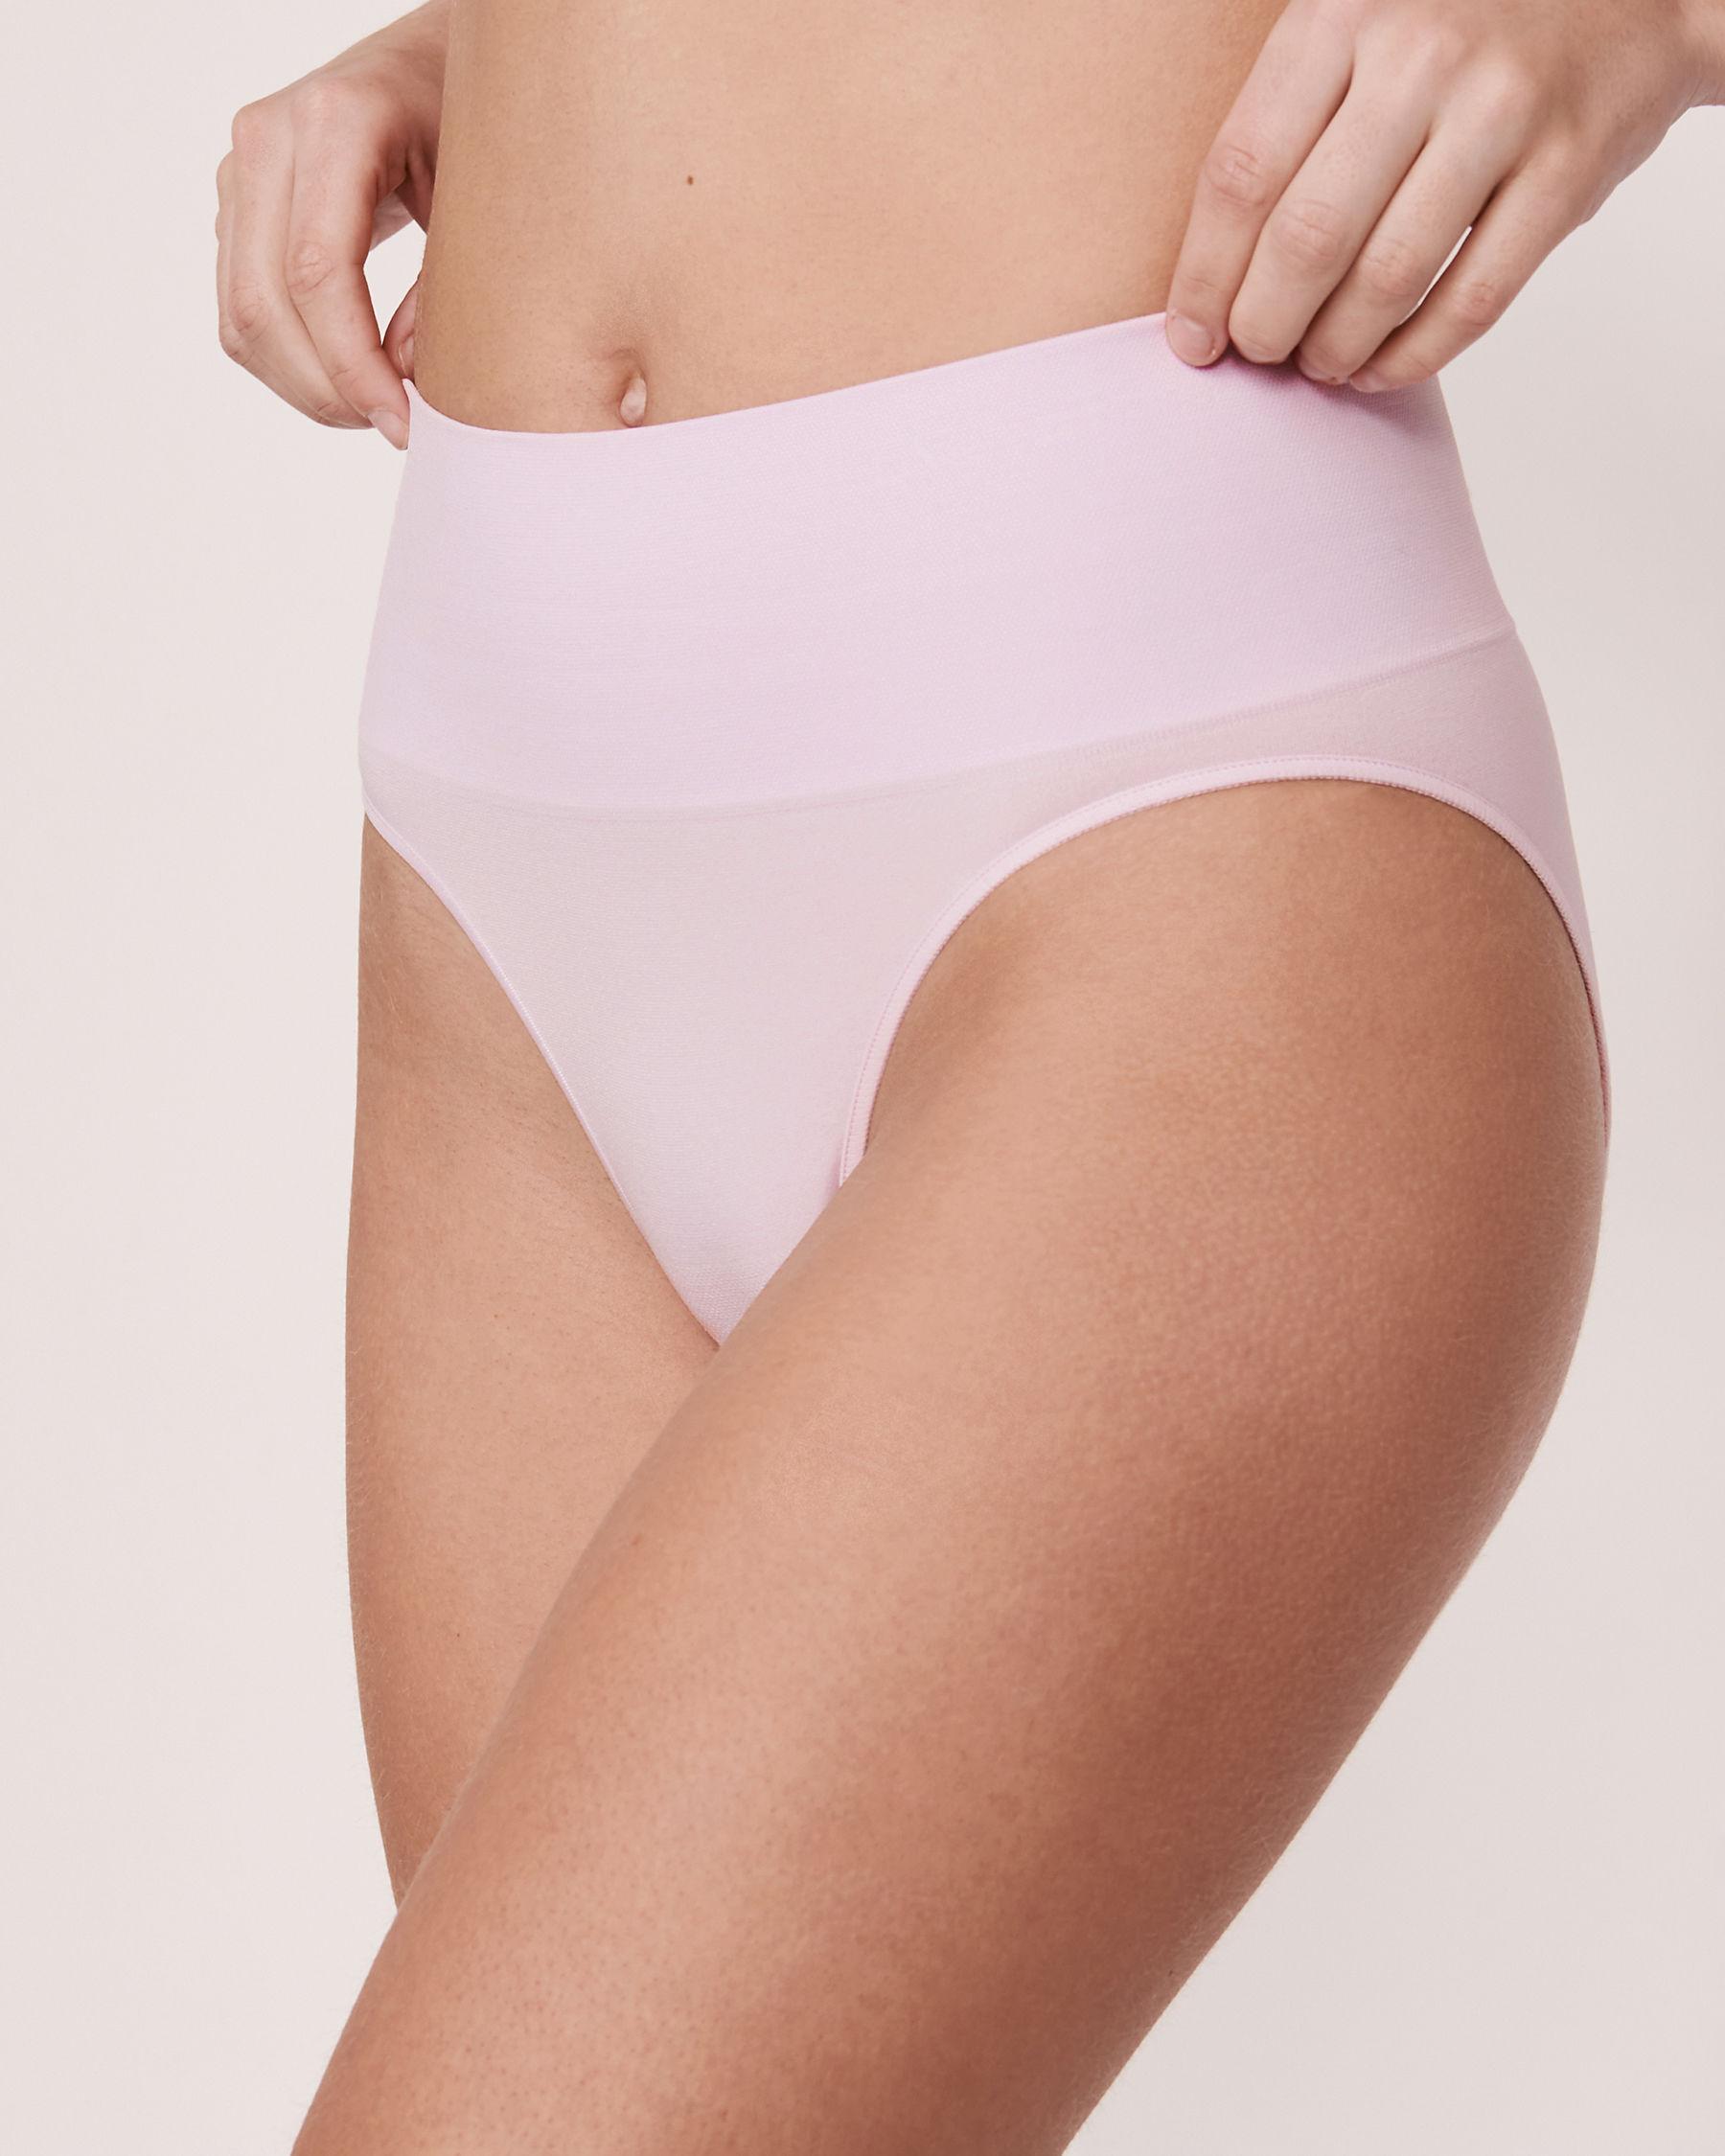 LA VIE EN ROSE Seamless High Waist Bikini Panty Lilac 20200027 - View1